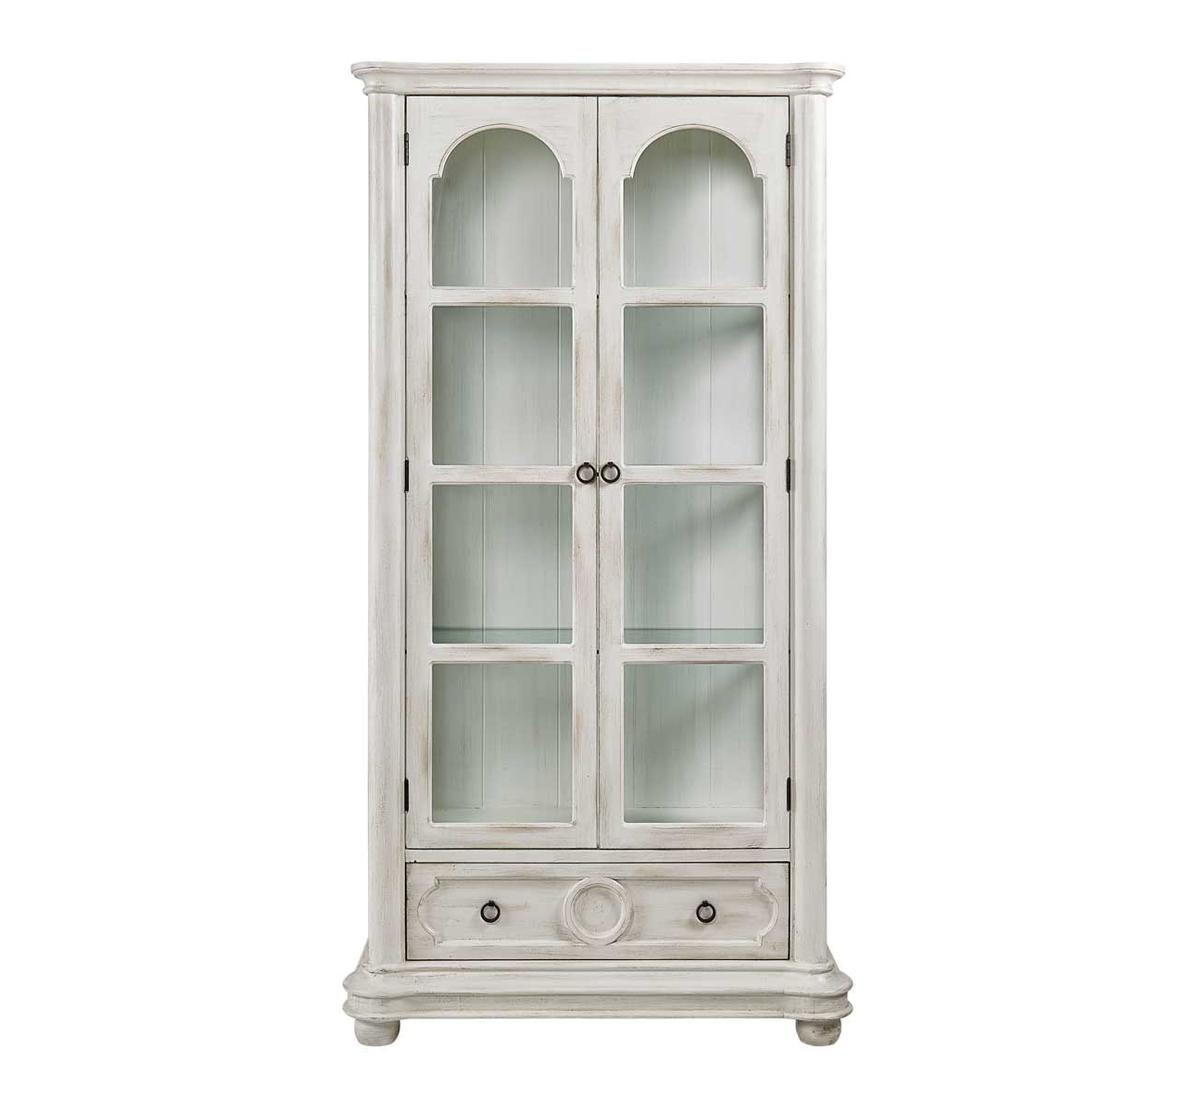 Picture of ANTIQUE WHITE CURIO CABINET - Antique White Curio Cabinet Badcock &more